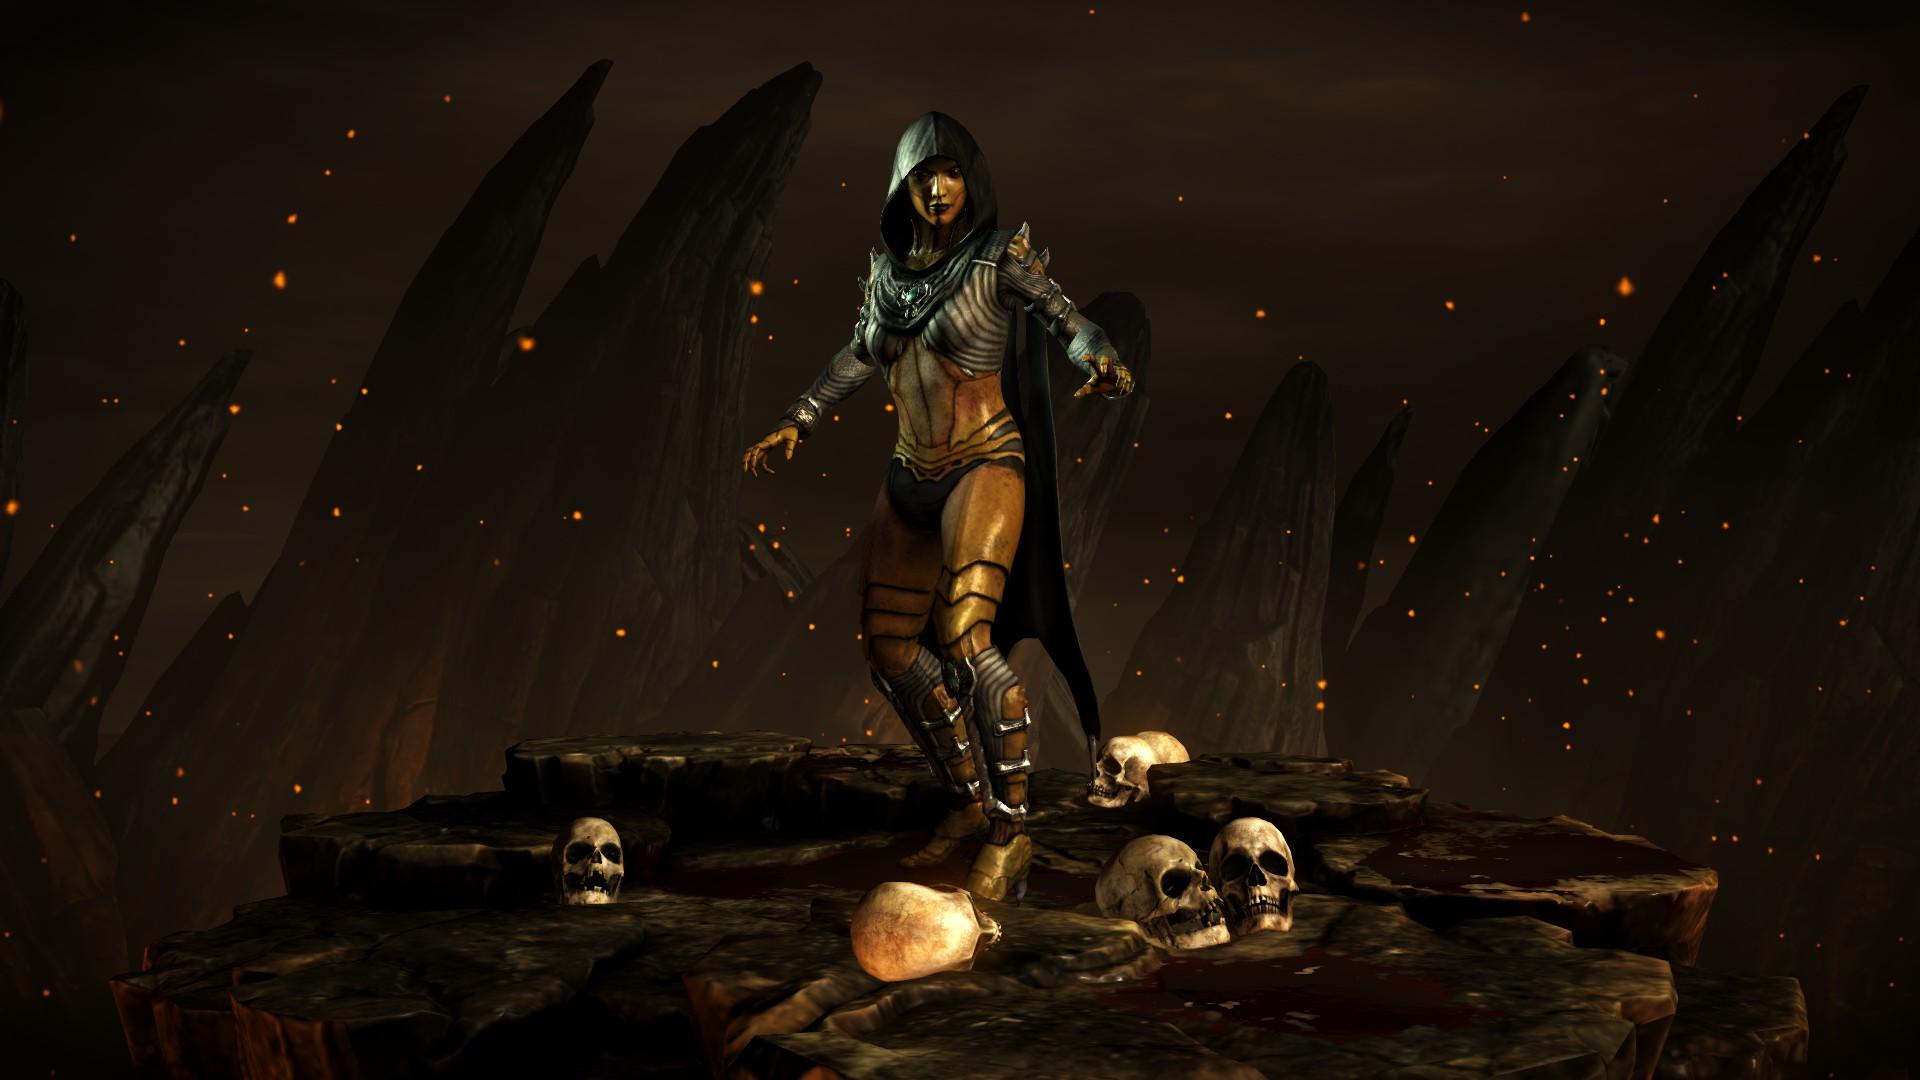 Ди'Вора - Mortal Kombat X Ди'Вора